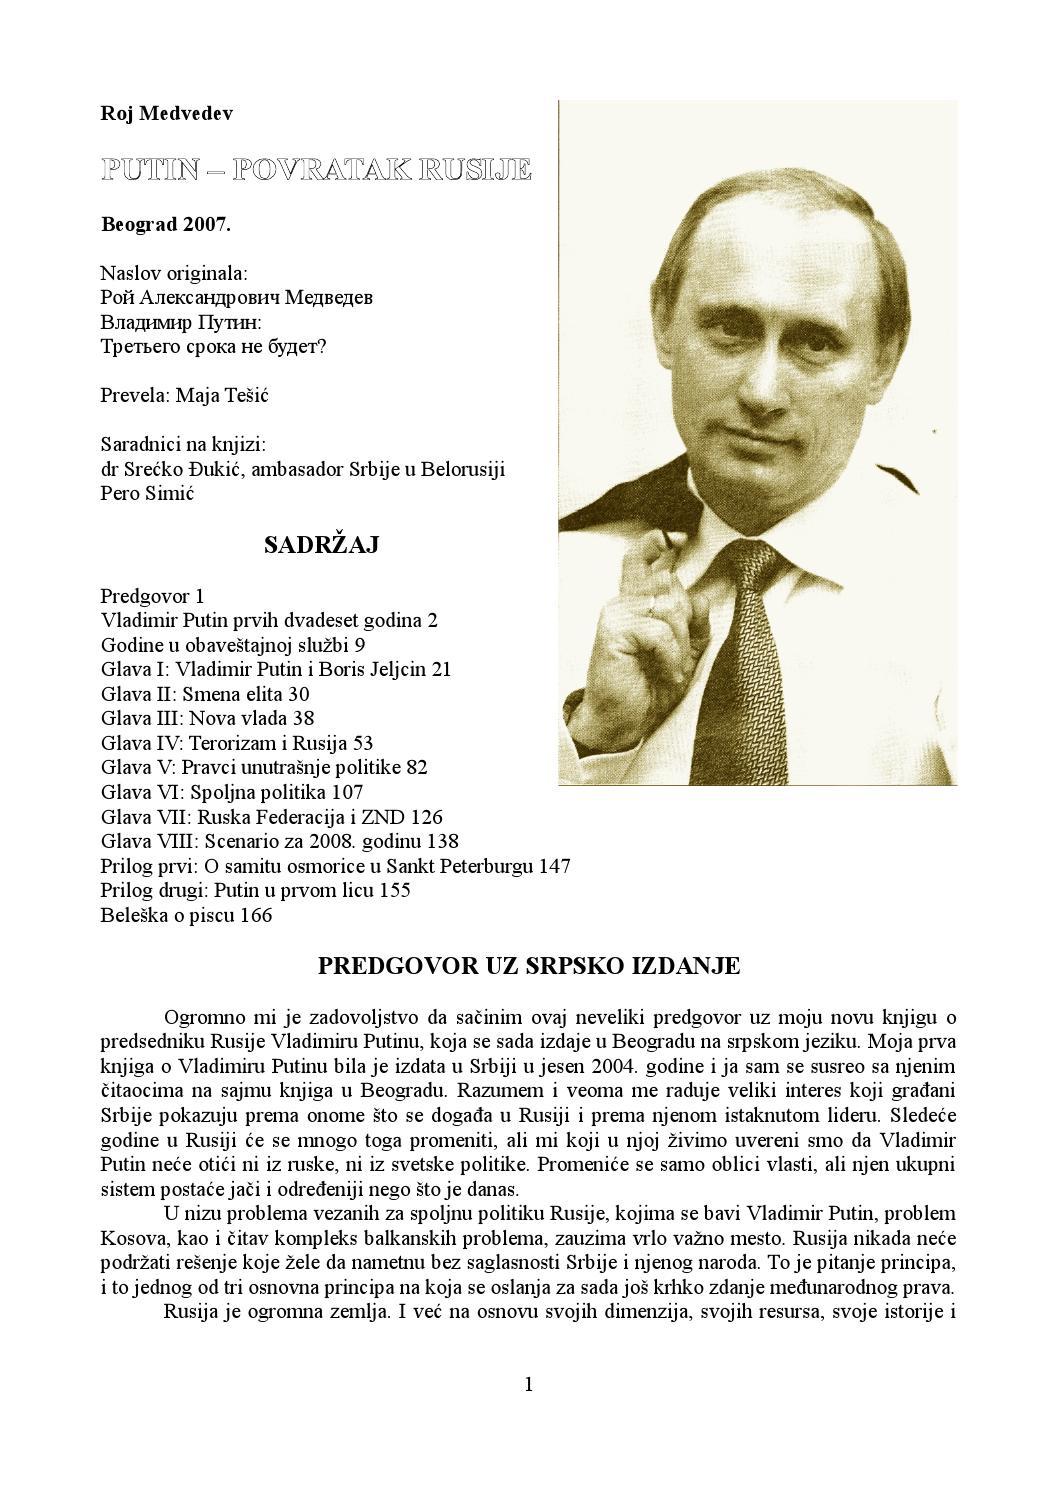 Litvansko web mjesto za upoznavanje